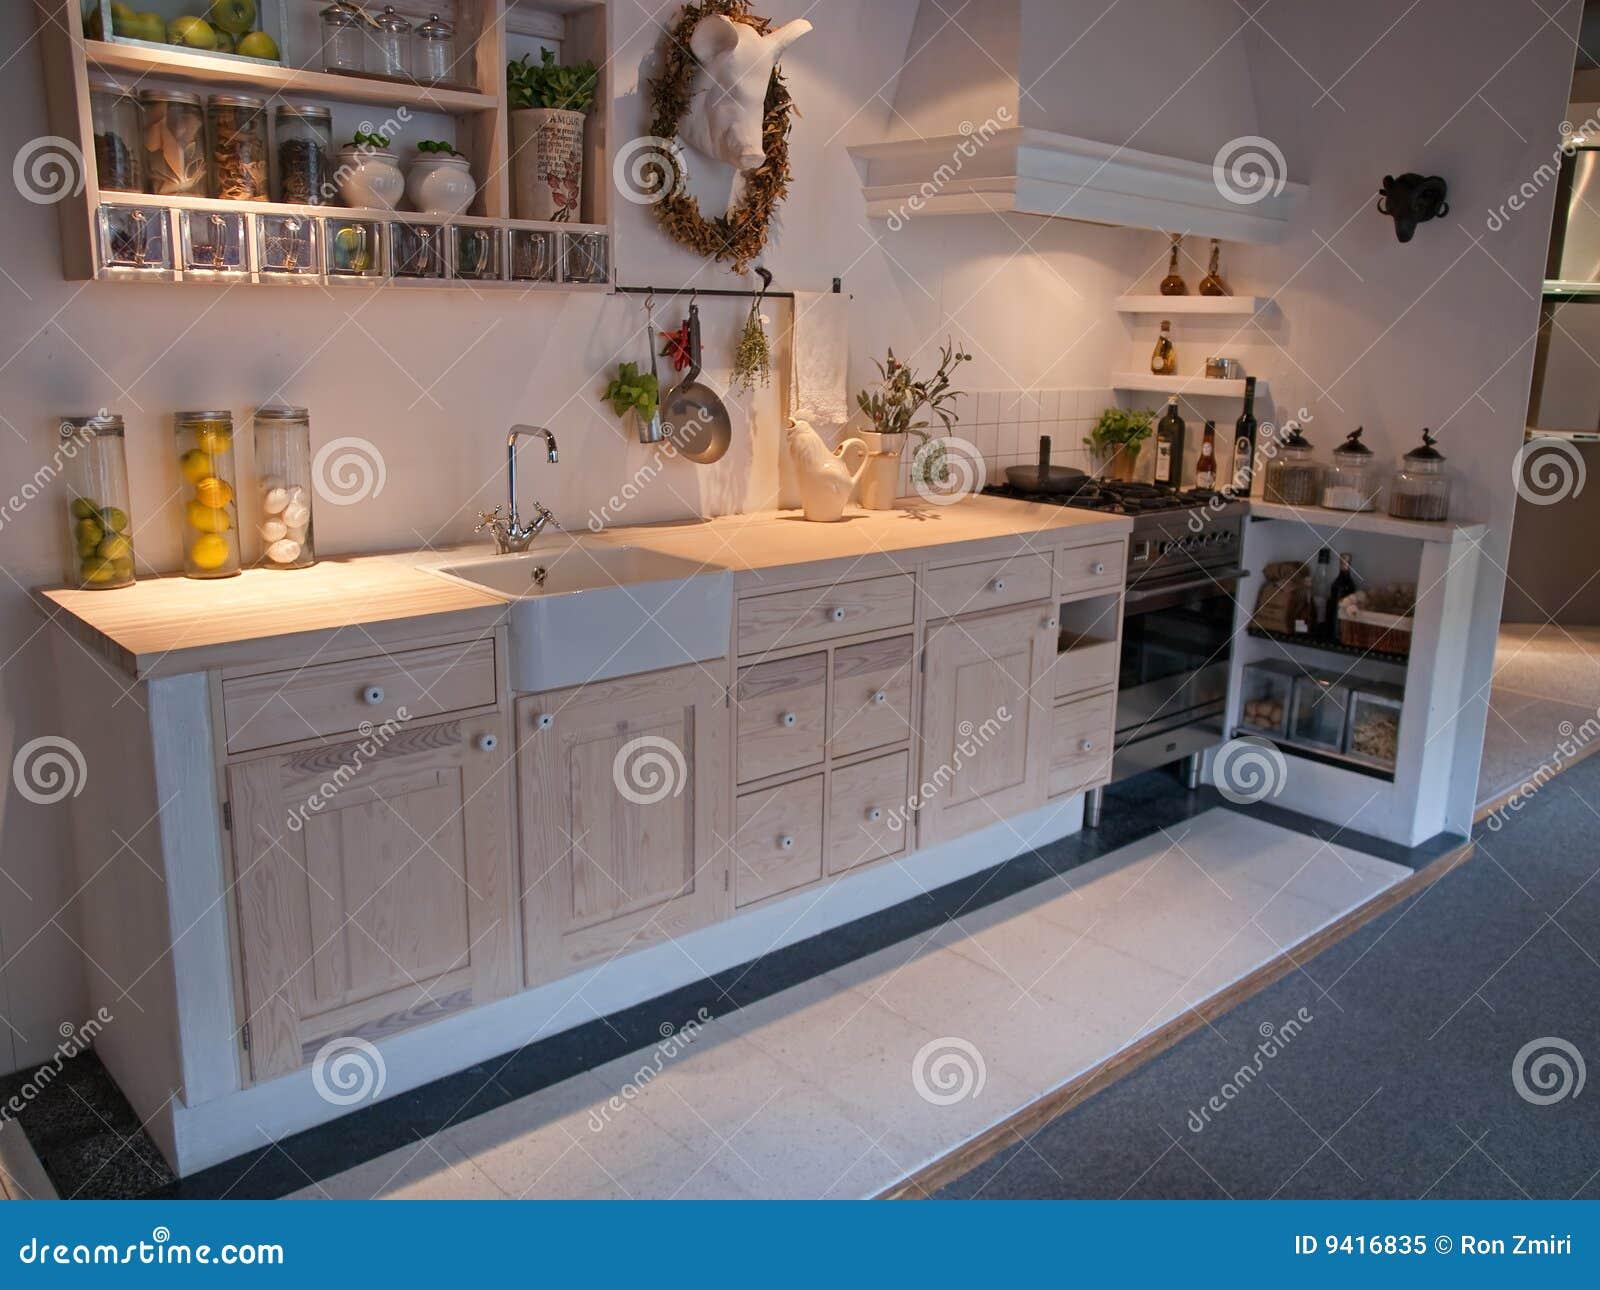 De moderne neo klassieke keuken van het ontwerp houten land royalty vrije stock foto - Deco keuken ontwerp ...